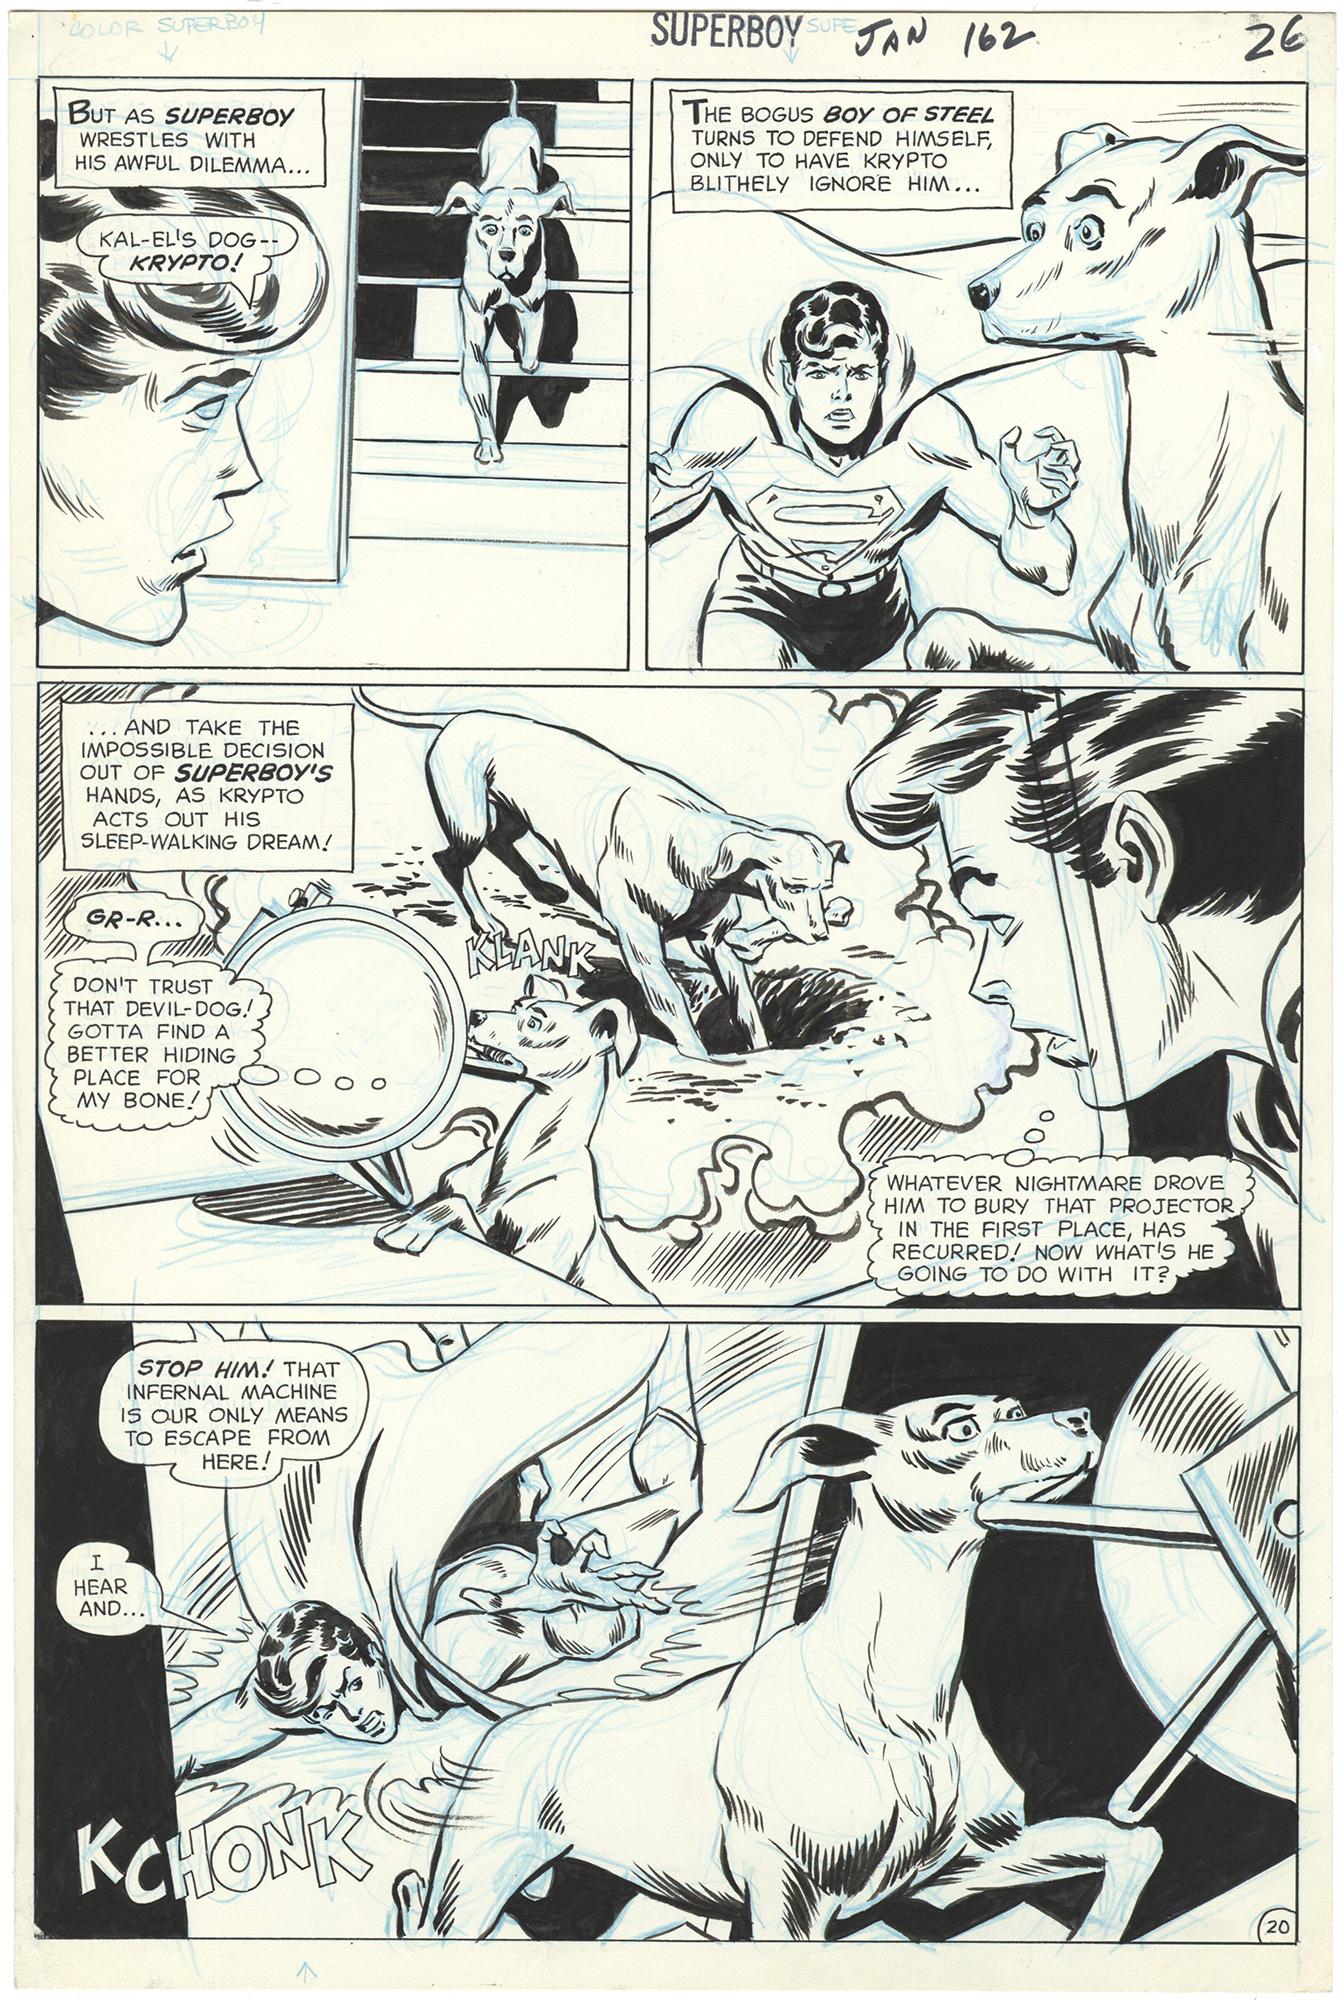 Superboy #162 p20